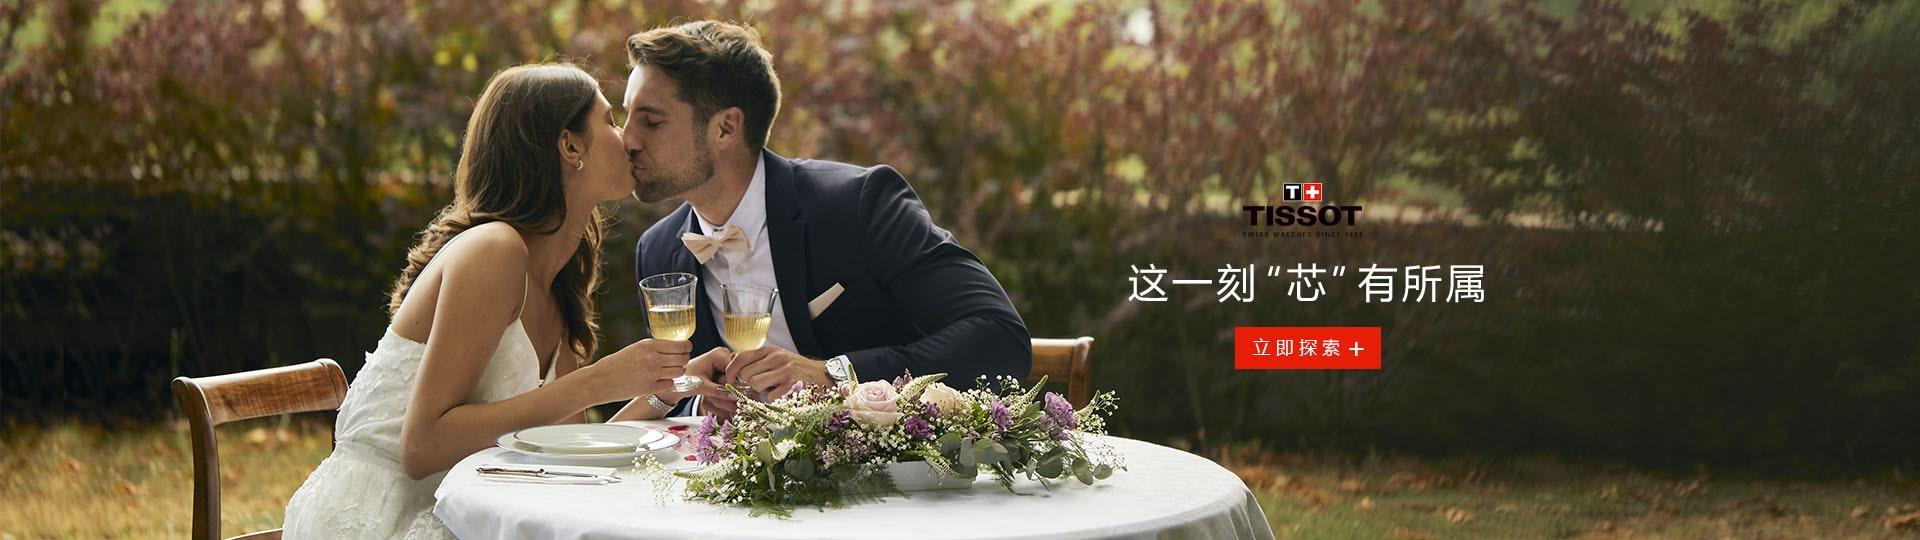 天梭官方在线精品店-婚礼季 pc